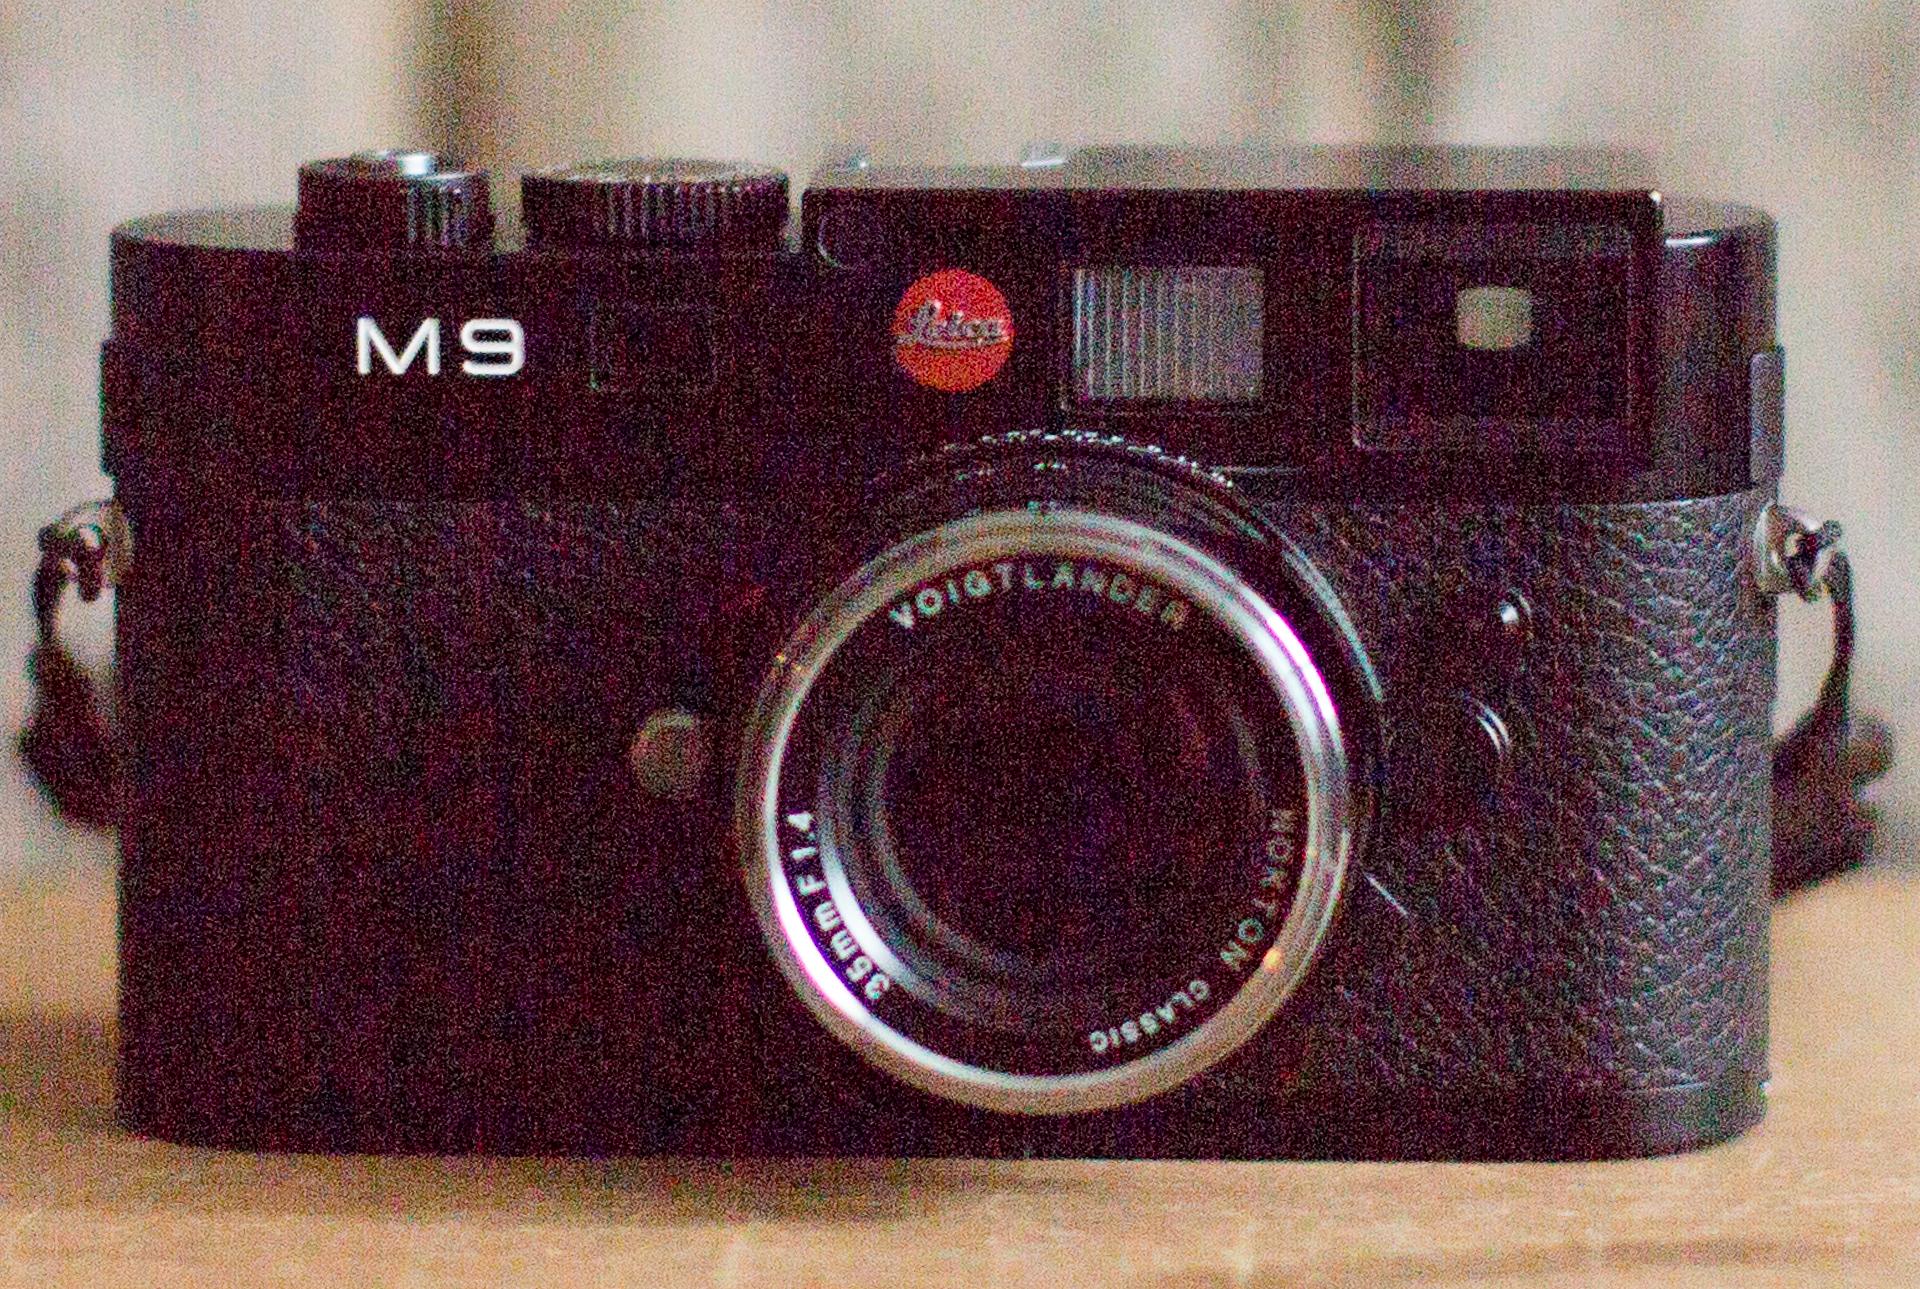 5D MarkIII + 50L